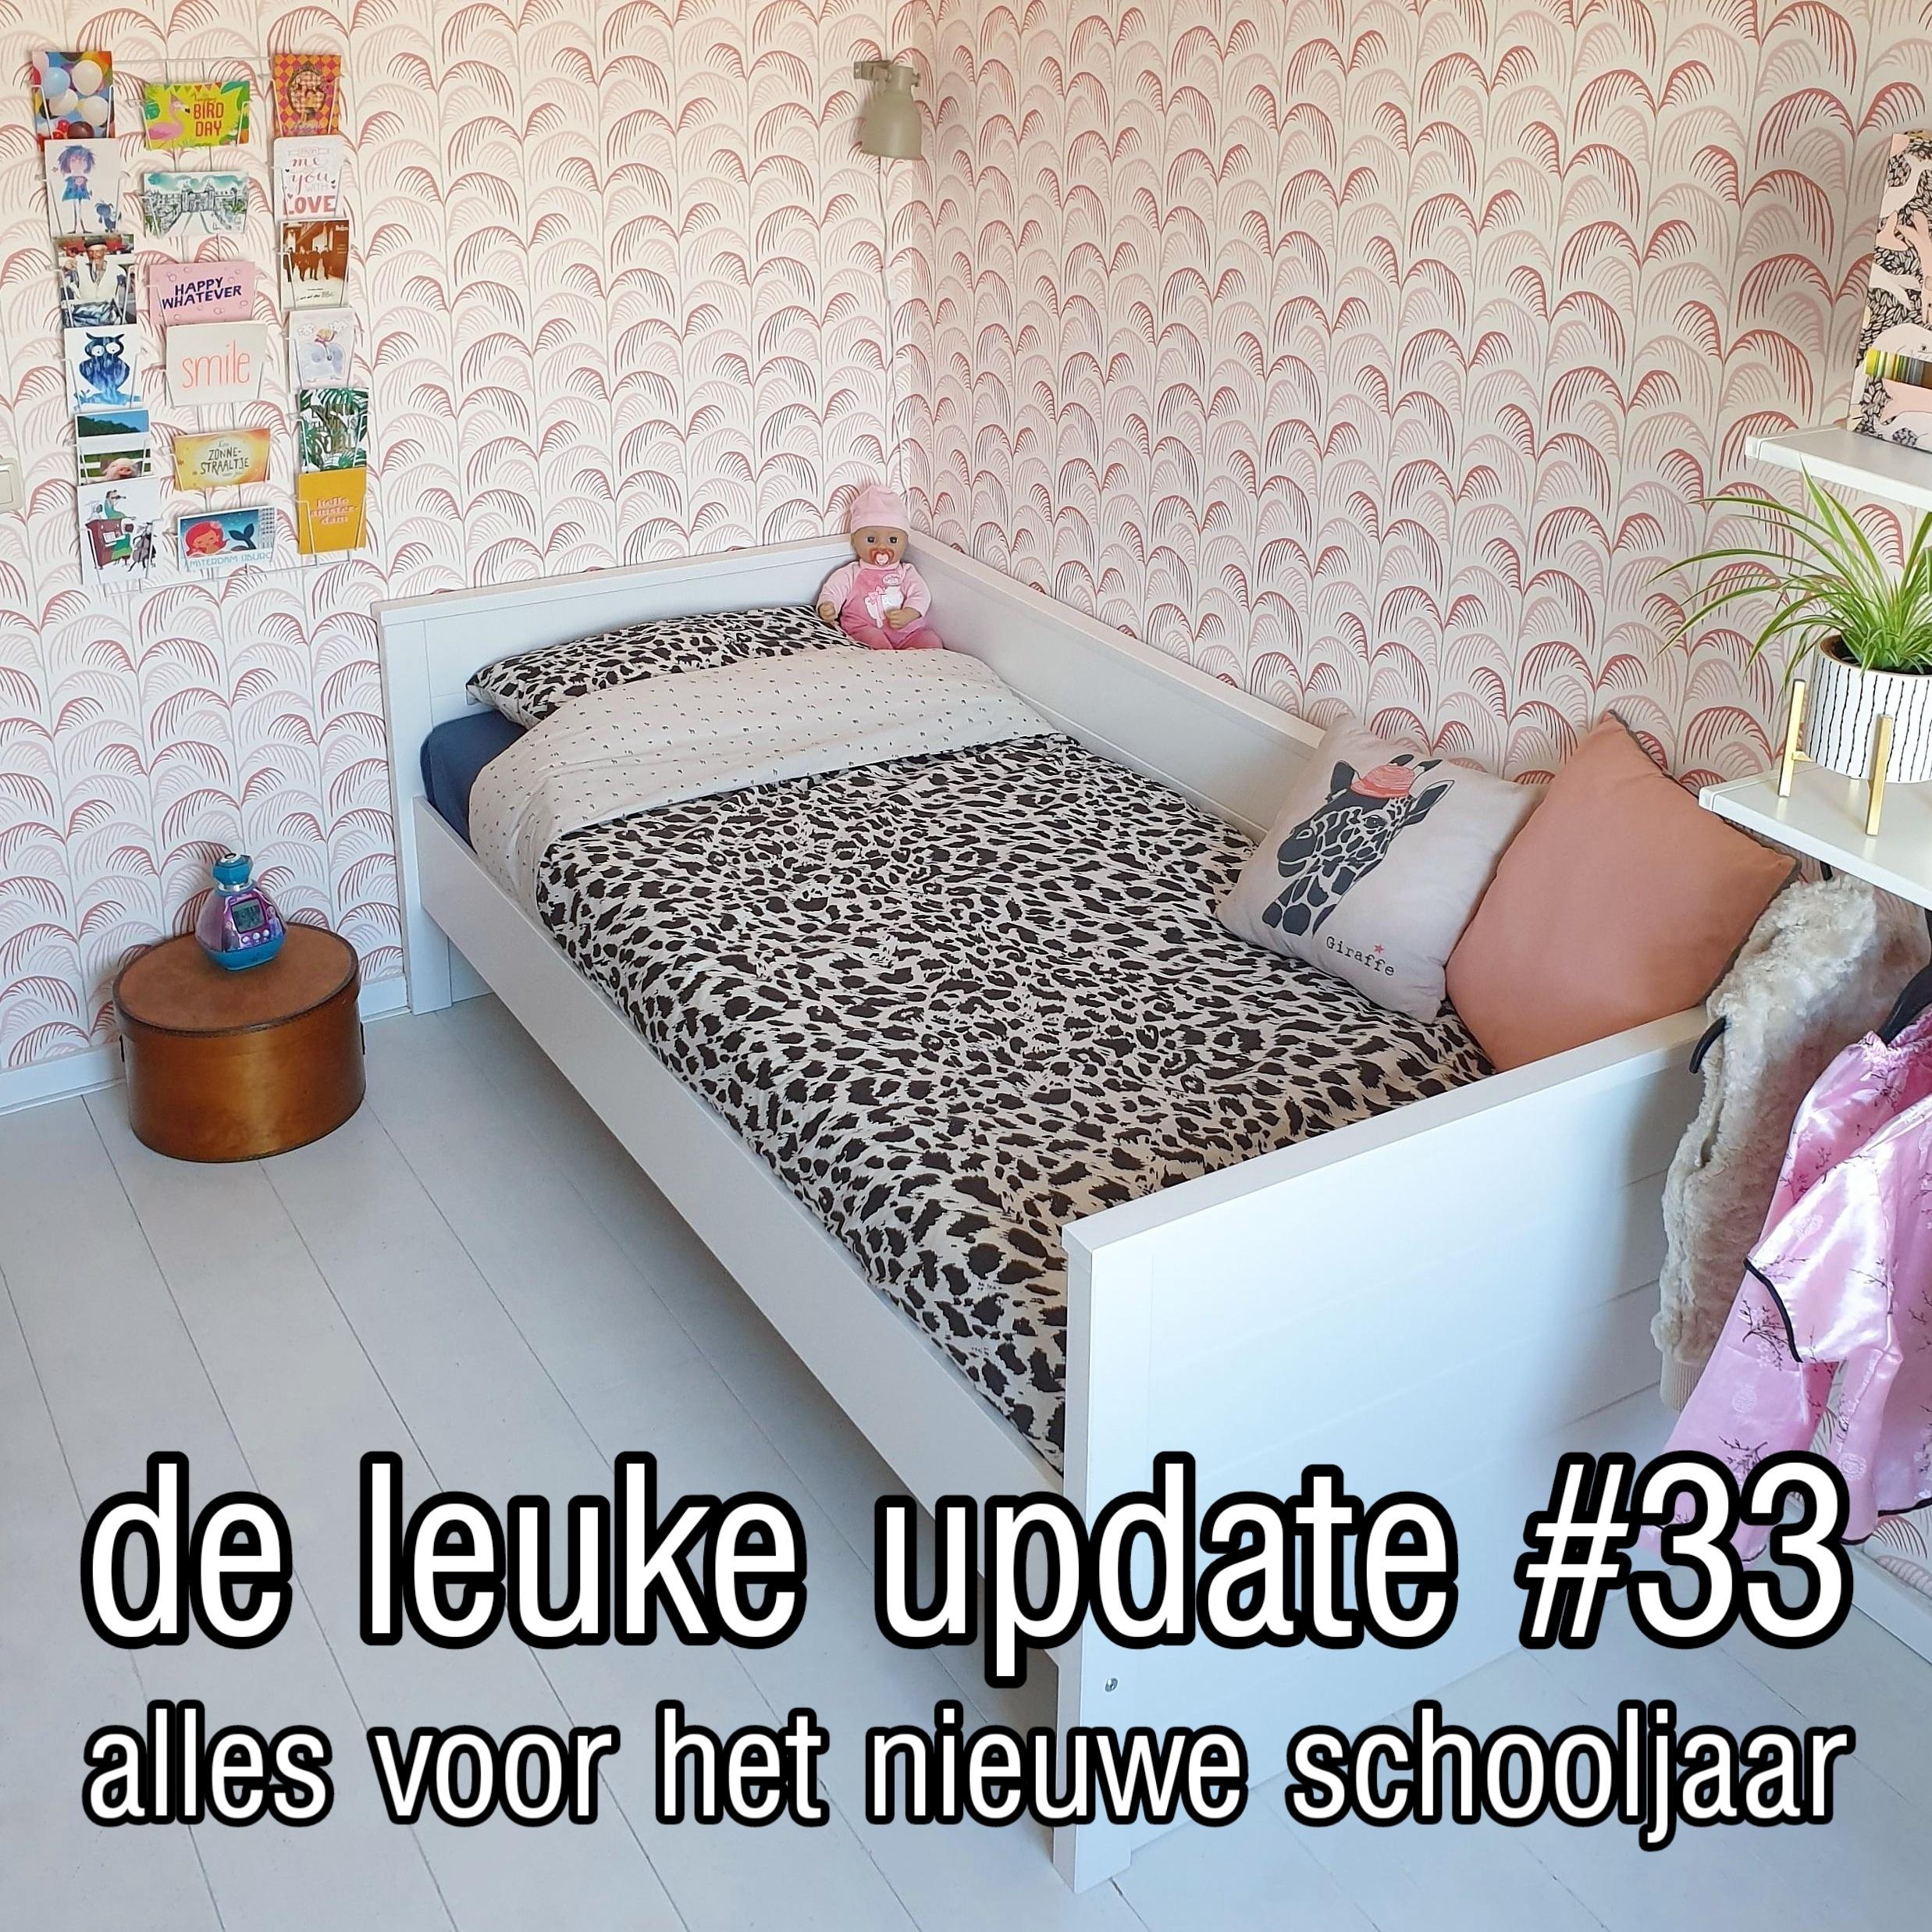 de leuke update #33 | nieuwtjes, ideeën, musthaves en uitjes voor kids - bed en hoeslaken basic label